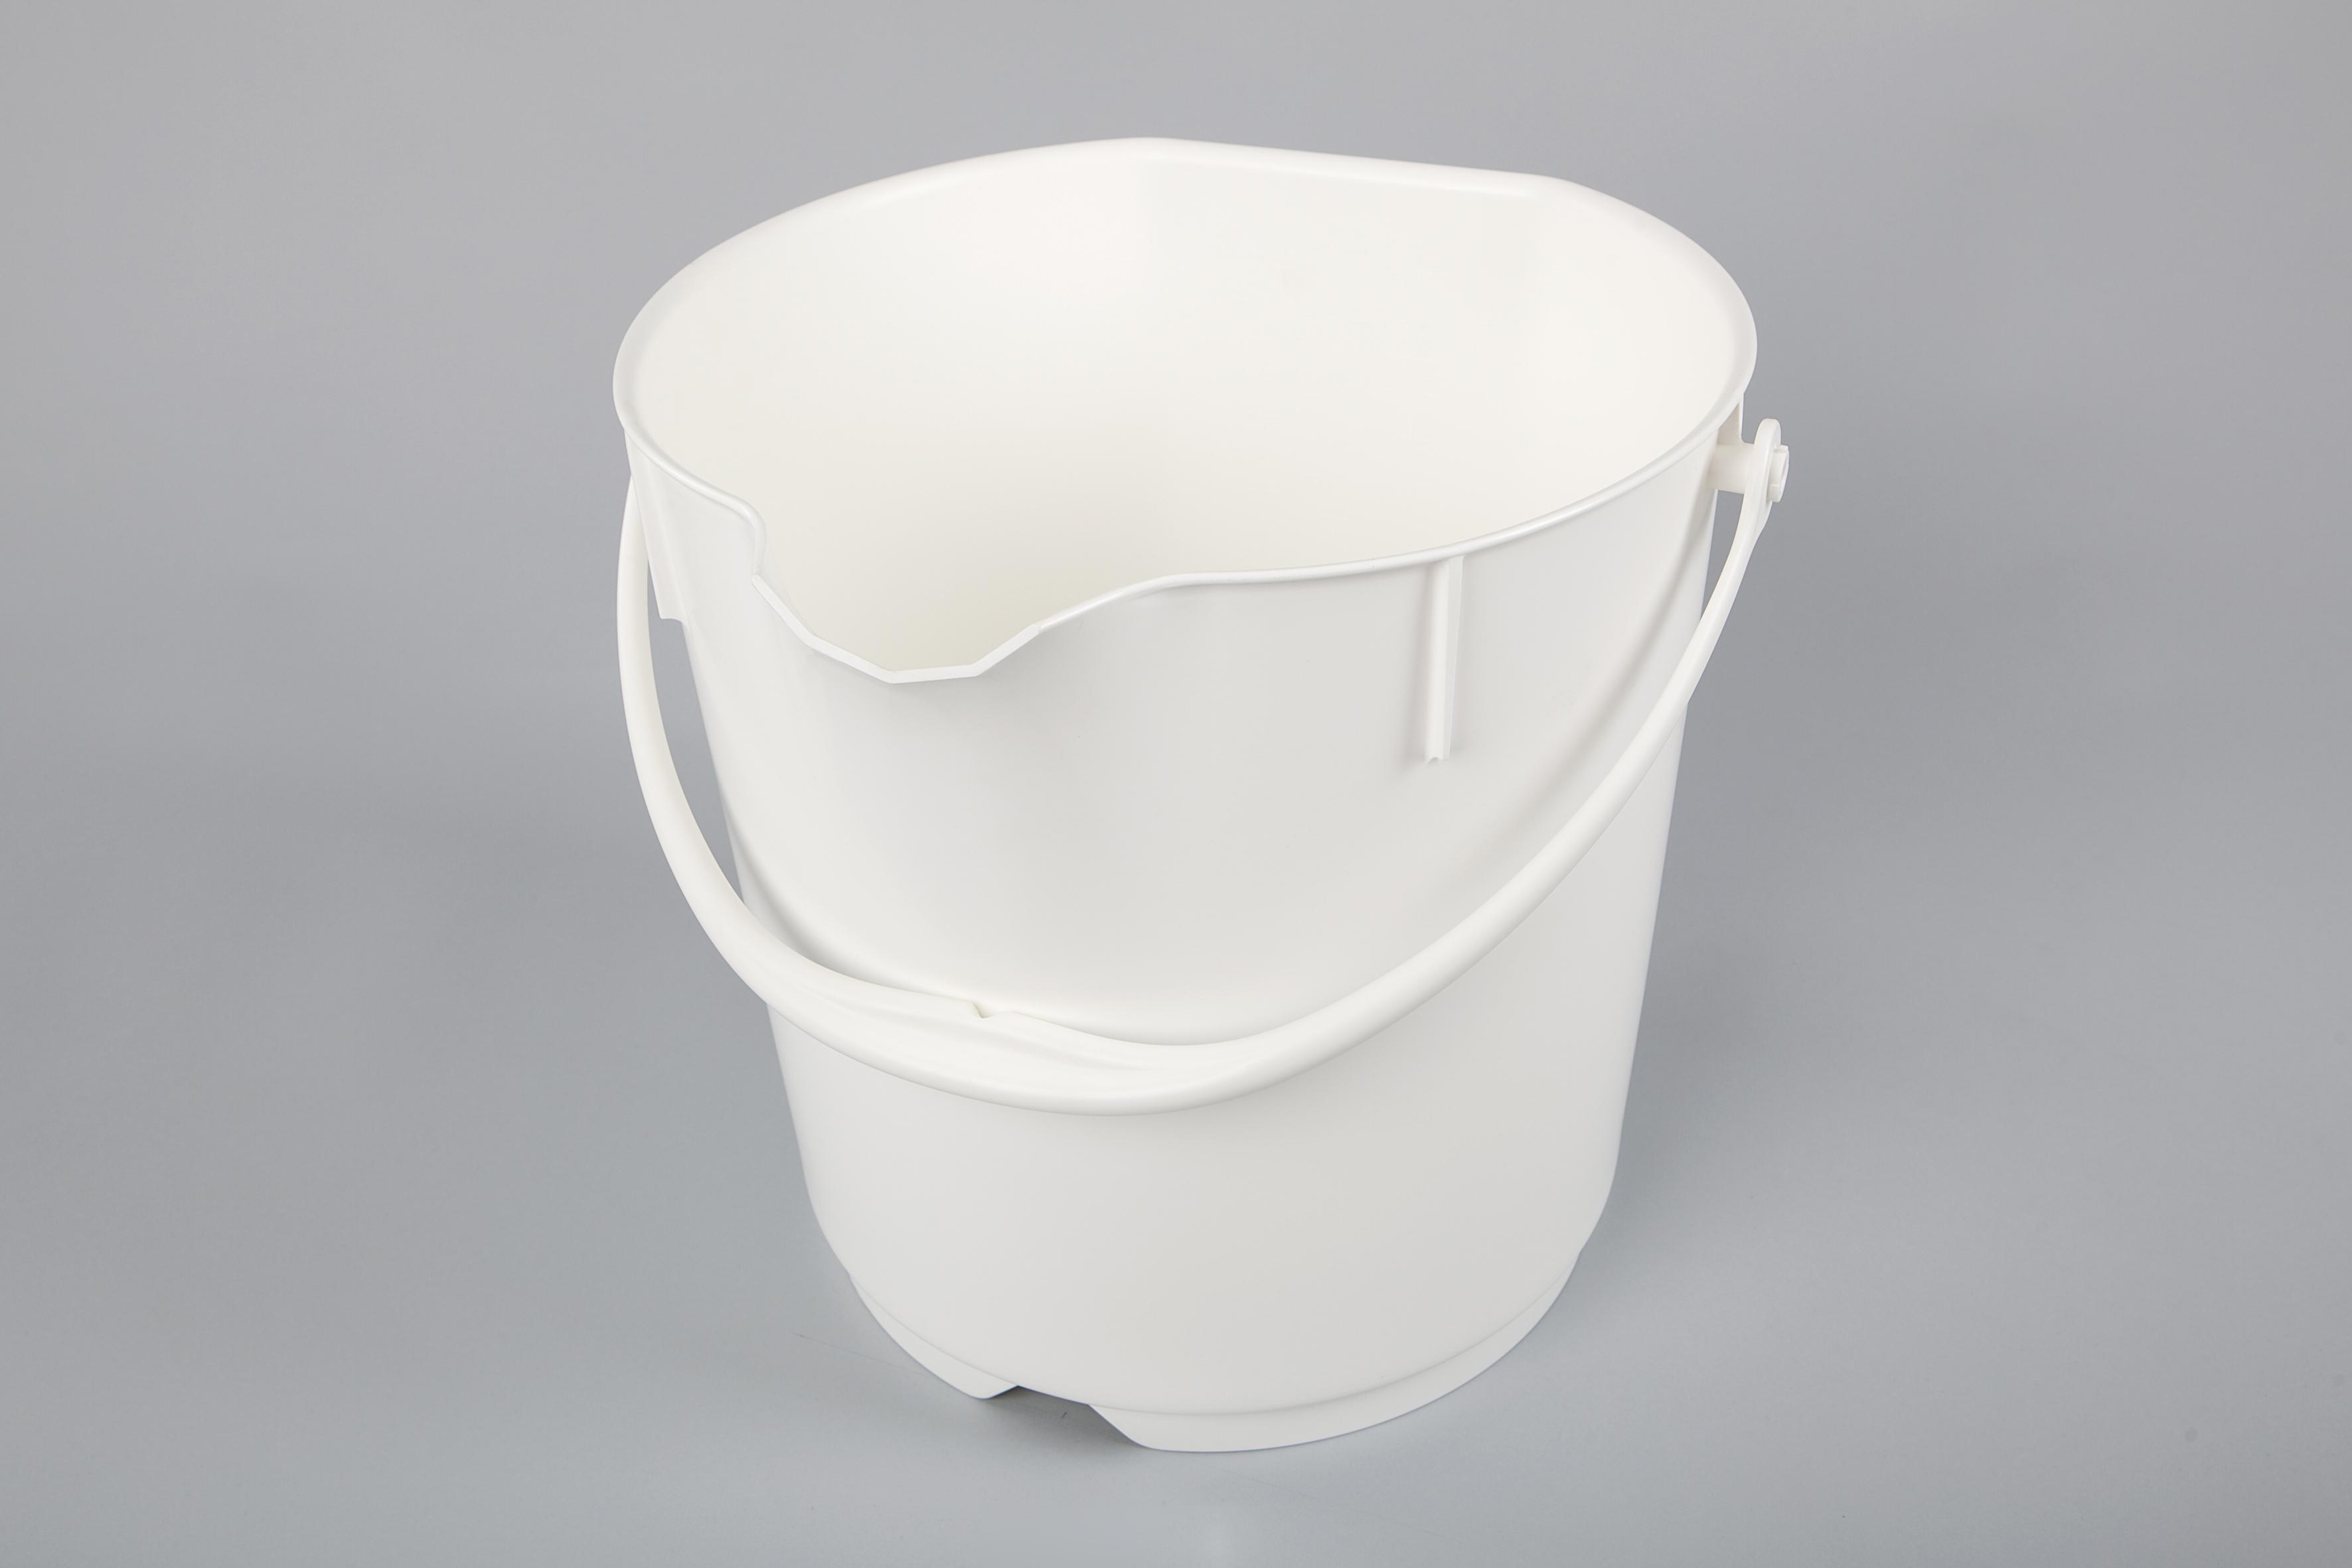 Unimop ämber 15 L, valge, kastis 4 tk